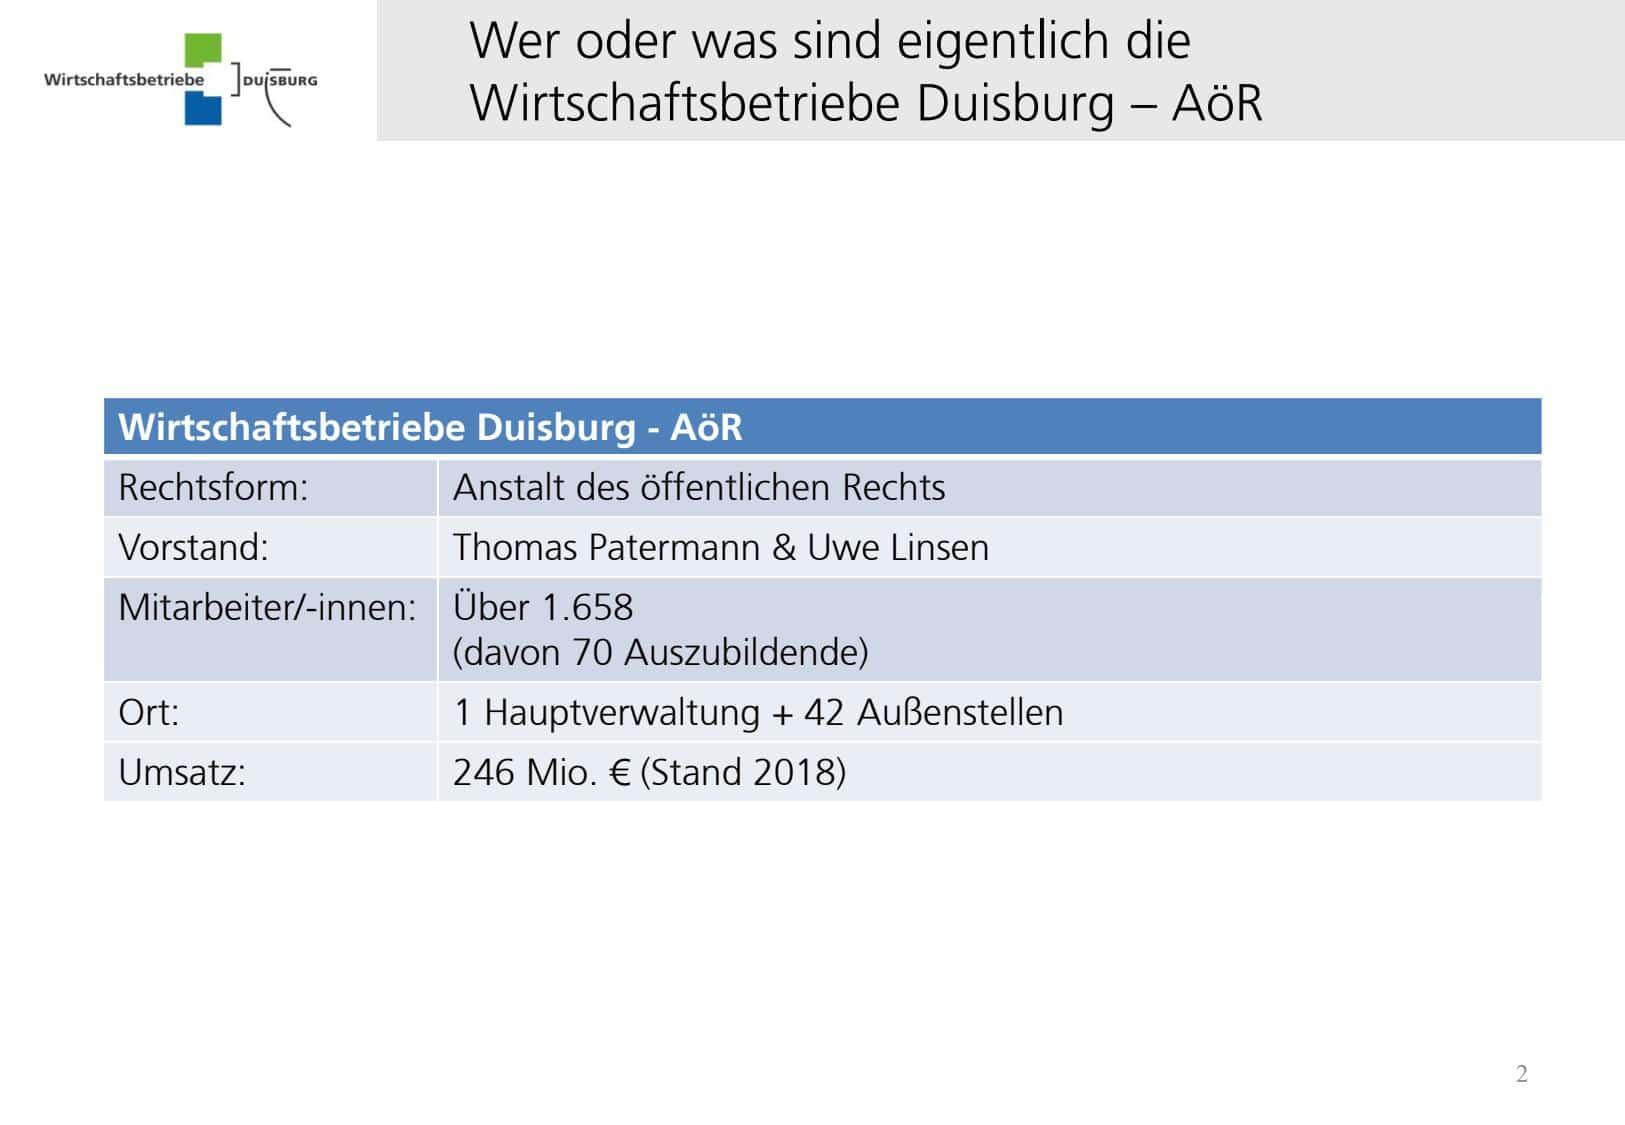 Wirtschaftsbetriebe Duisburg-AöR_page_2